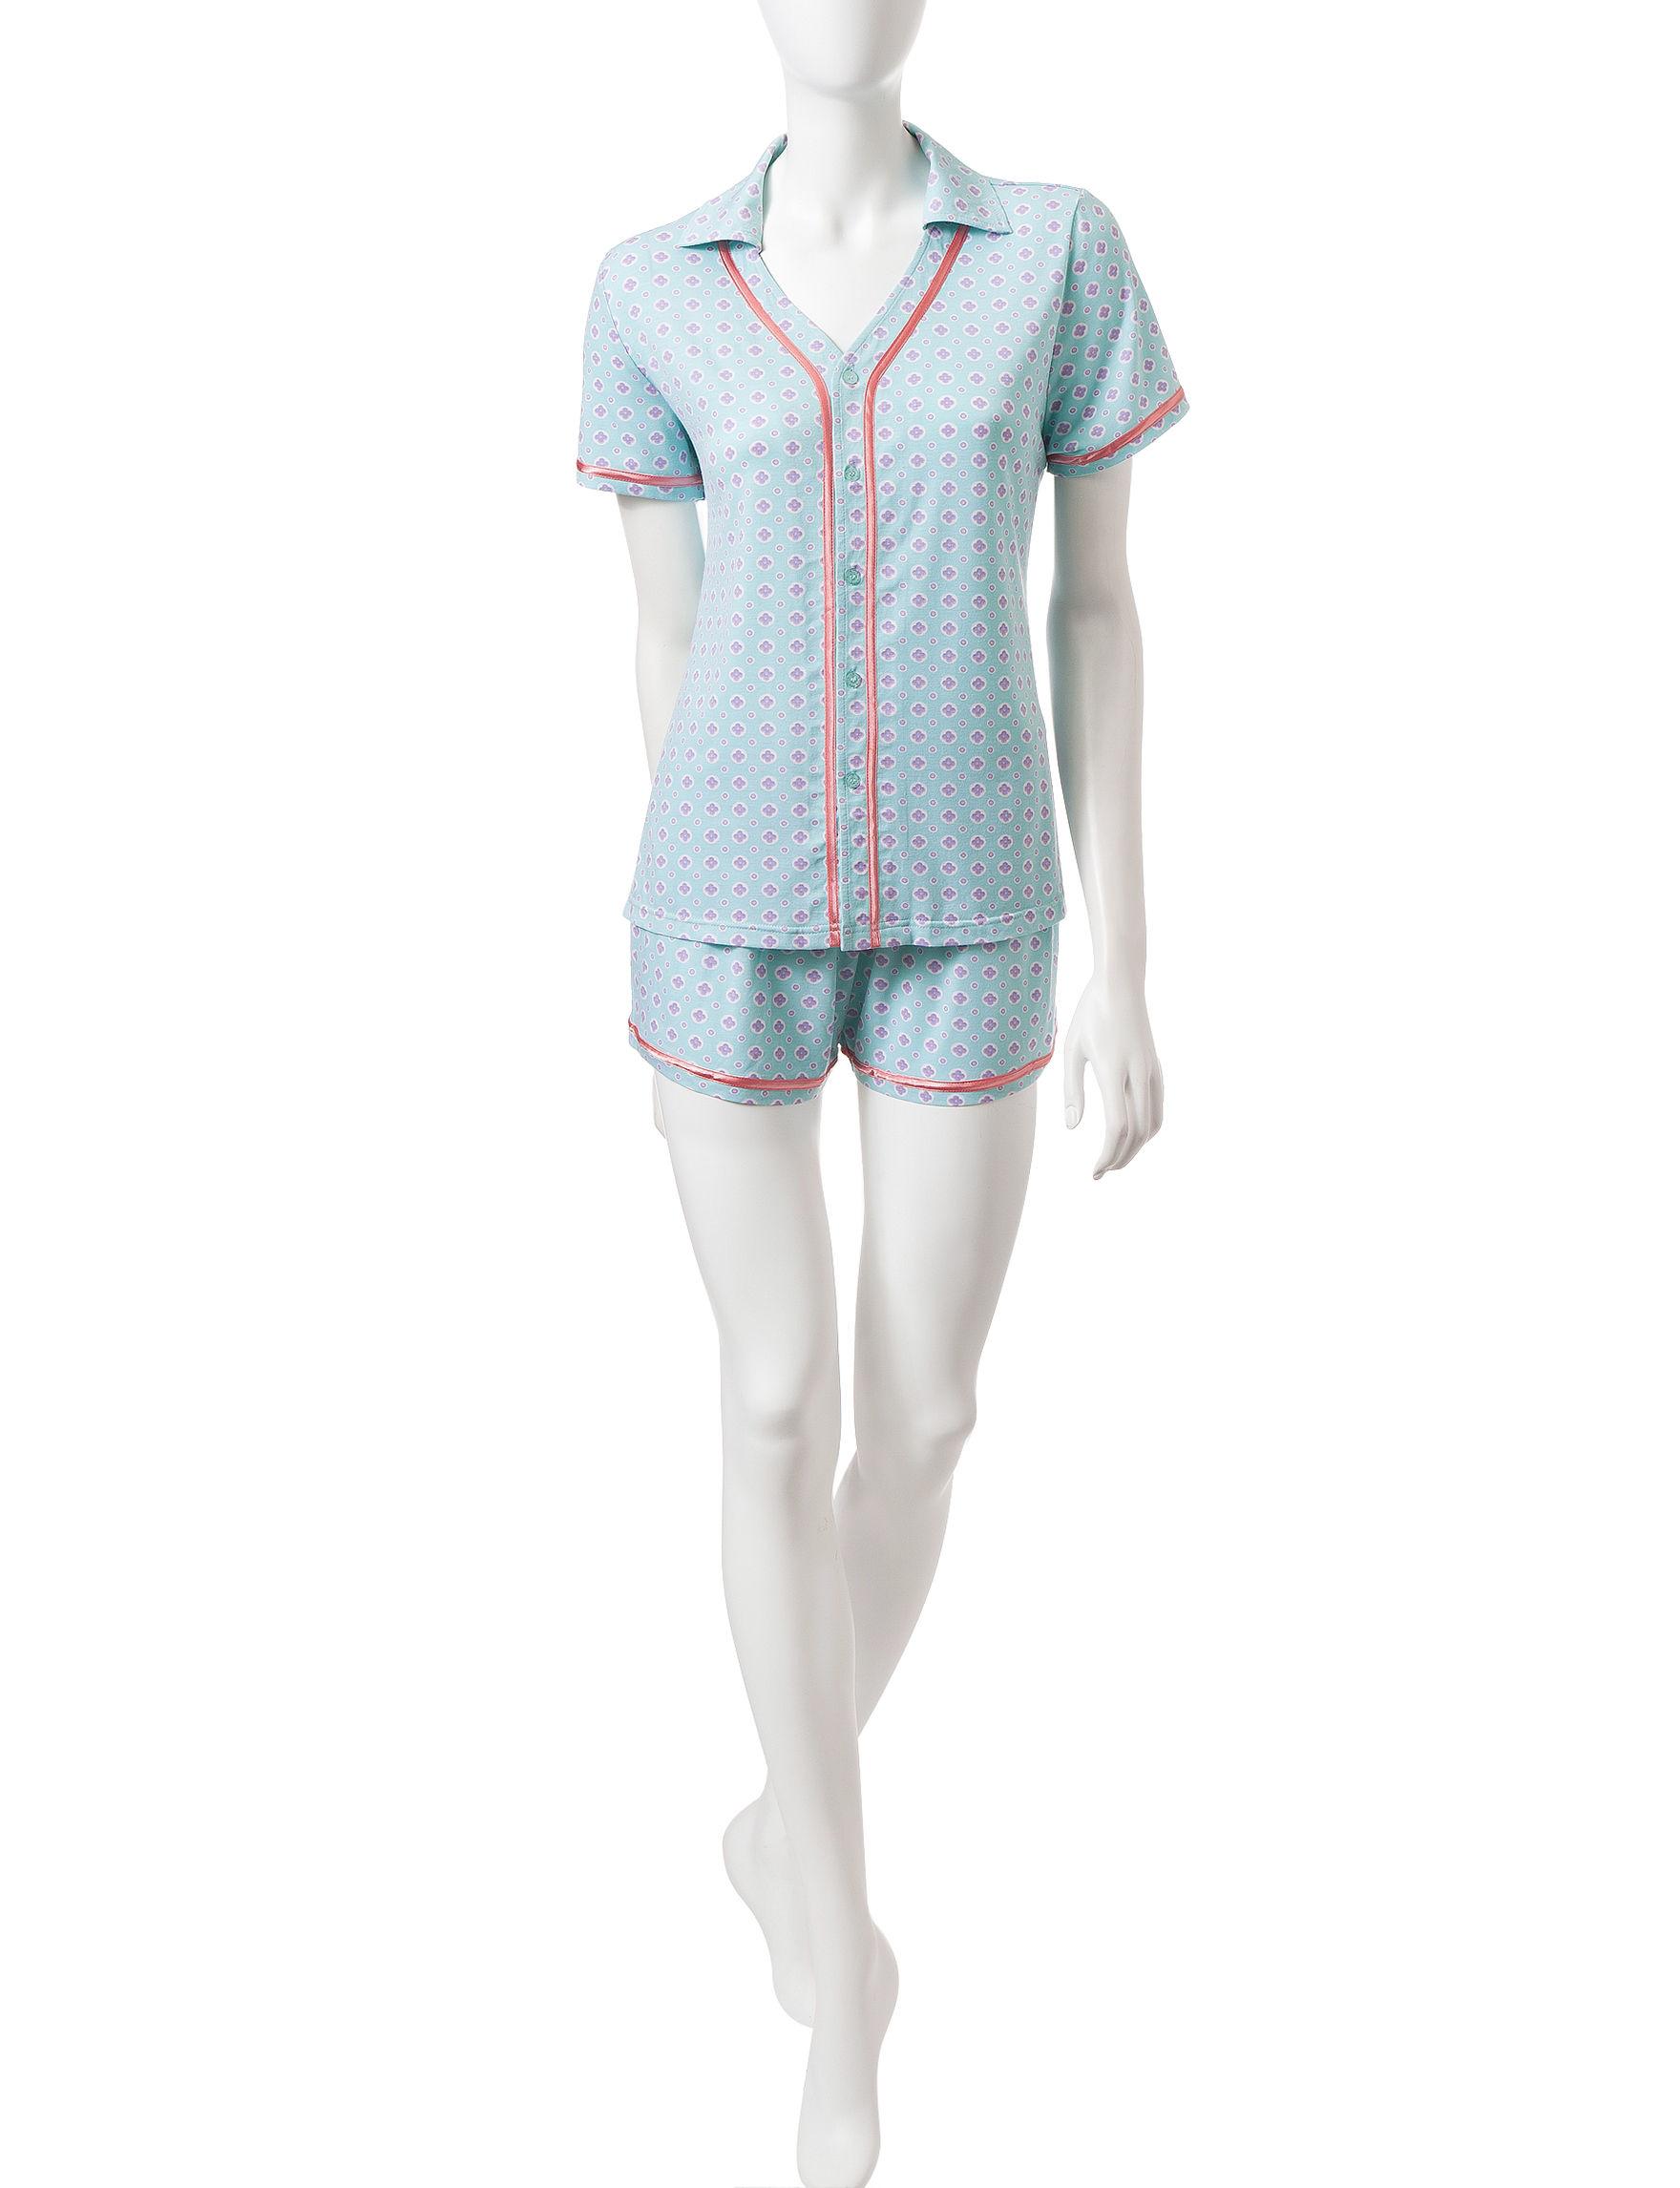 Hanes Blue / Green Pajama Sets